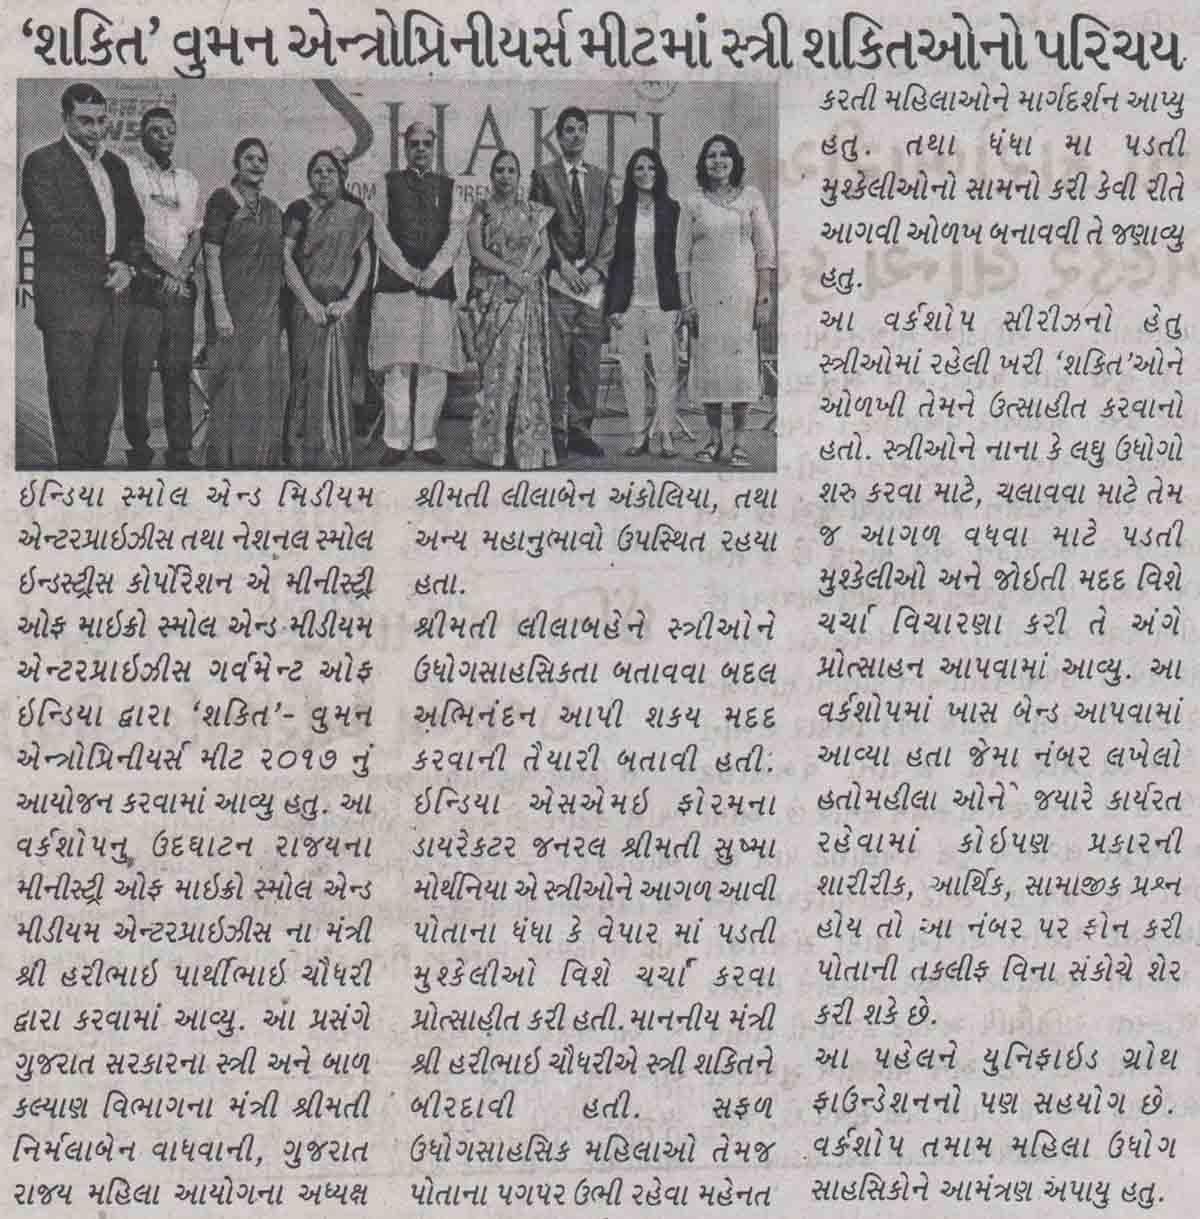 Apnu Gujarat 21 Aug 17 page 2